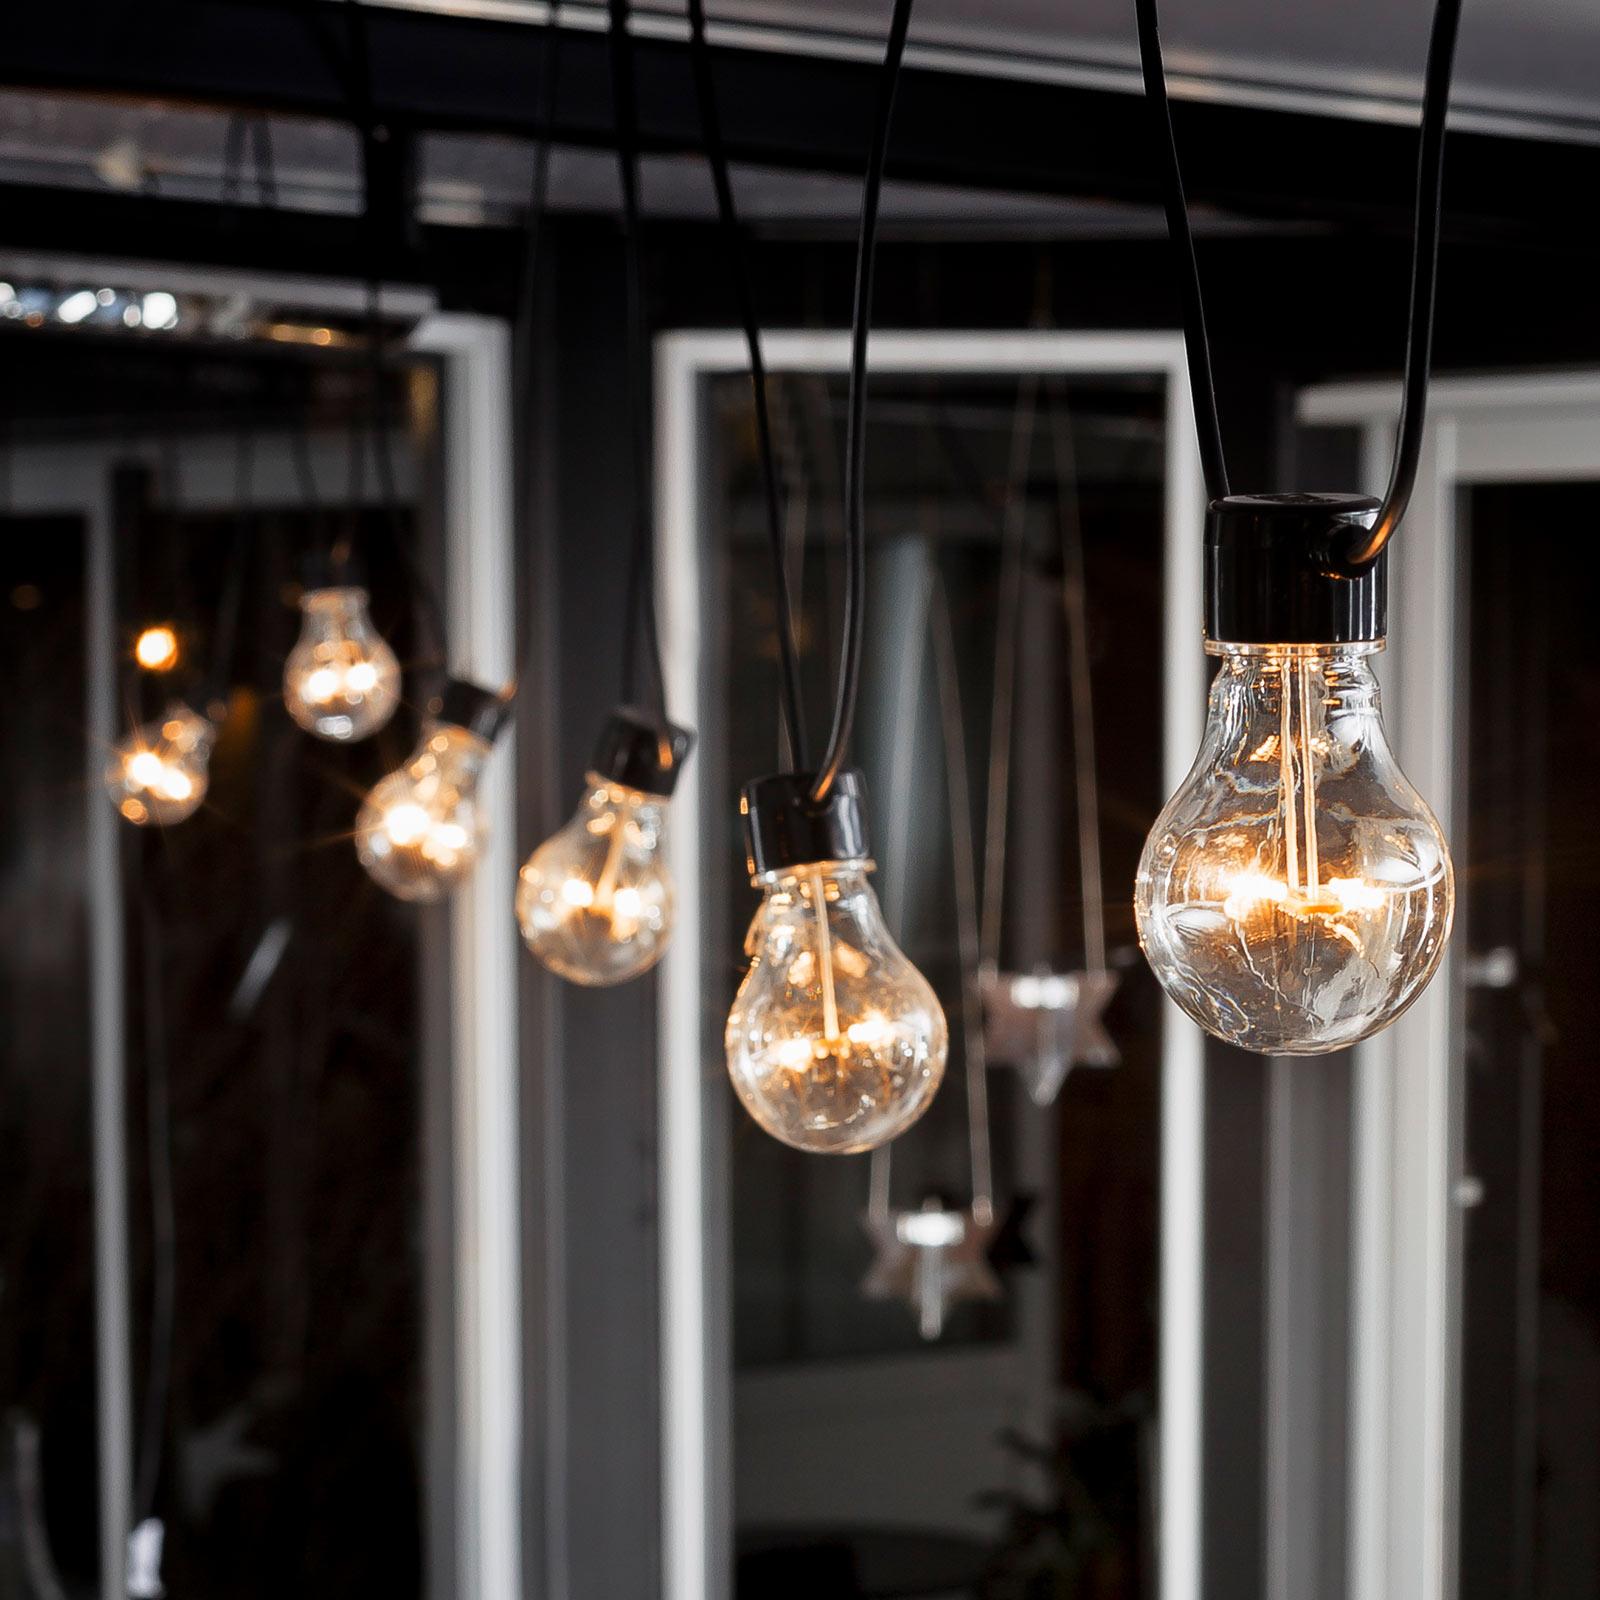 LED-Lichterkette Biergarten Erweiterung, bernstein